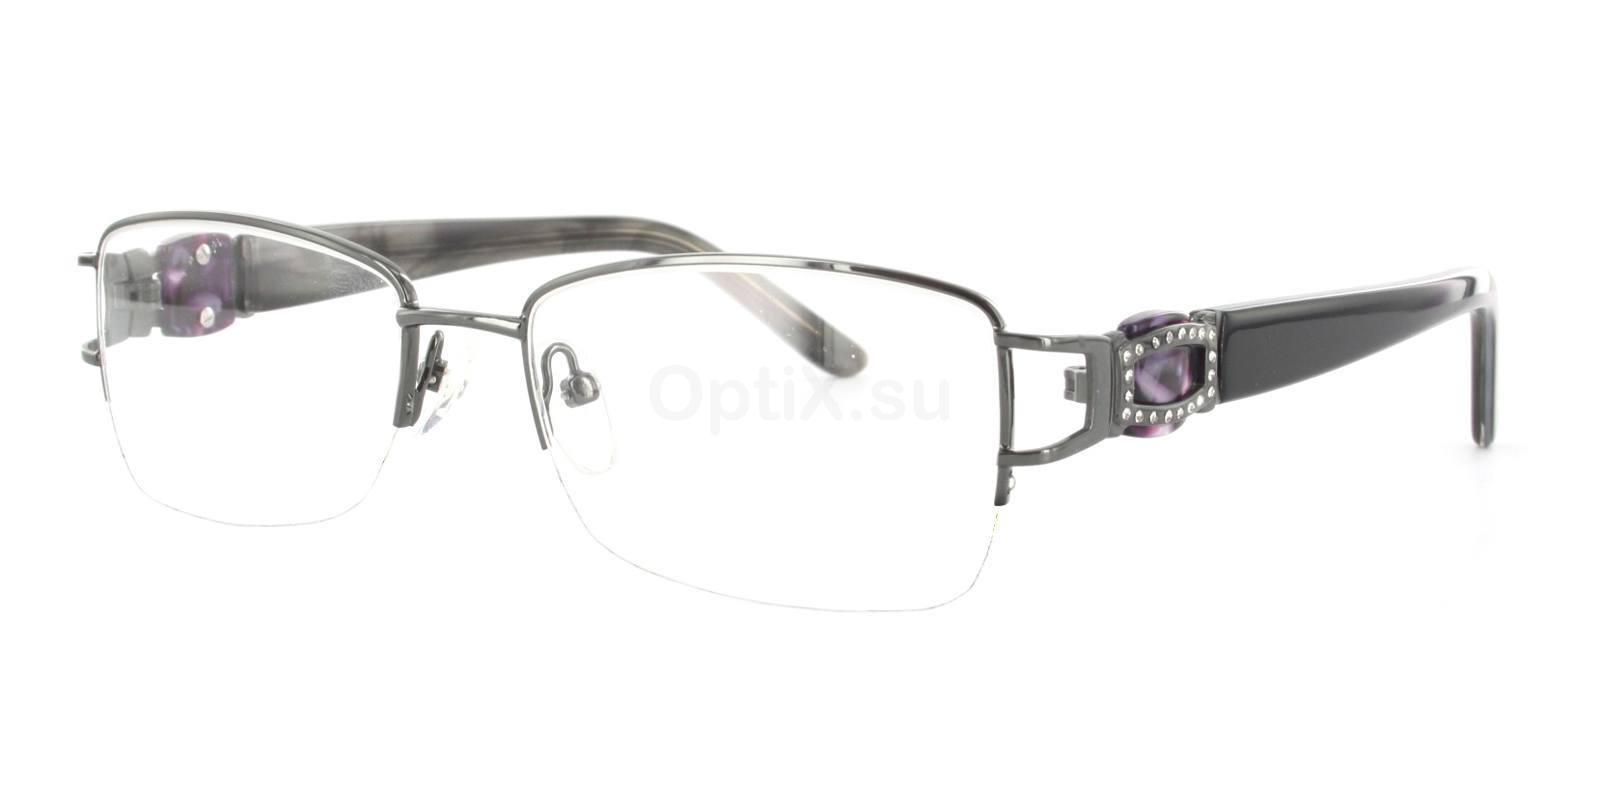 C1 Y30953 Glasses, Antares